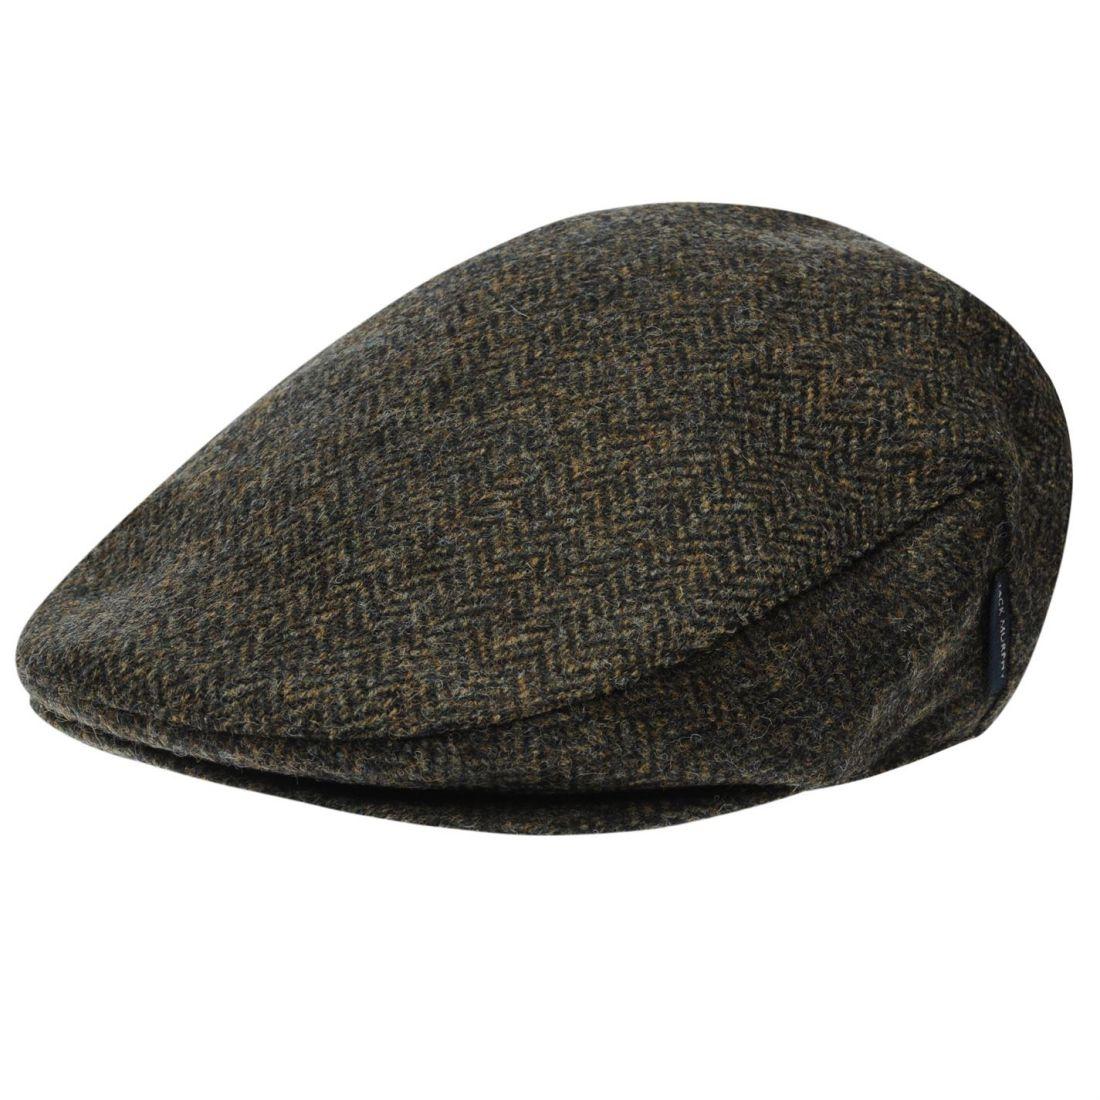 96ed45602f461 Details about Jack Murphy Mens Steel Fields Tweed Flat Cap Winter Hat Faux  Fur Horses